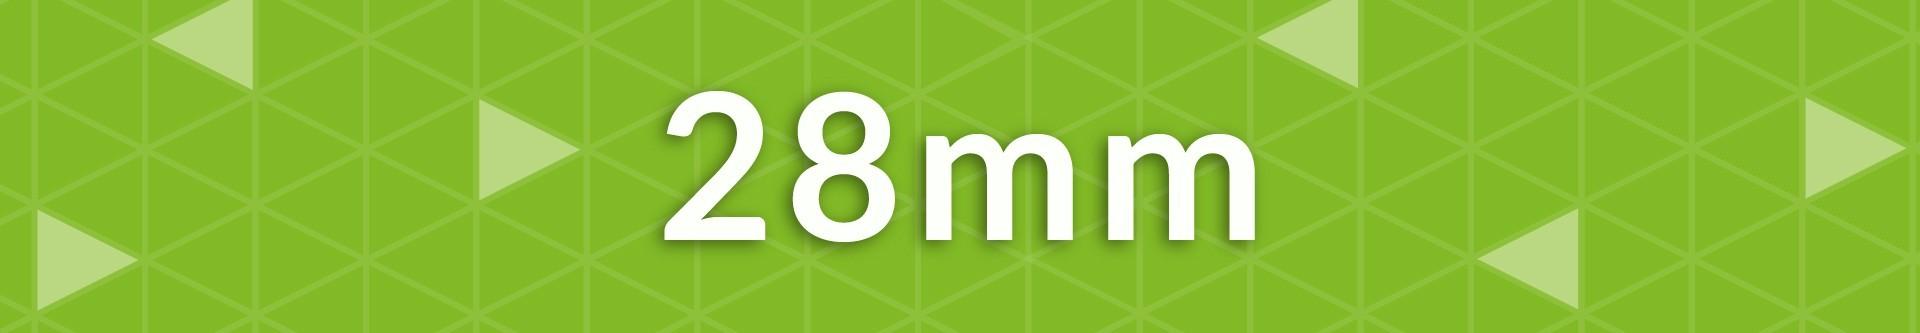 Gruix 28 mm